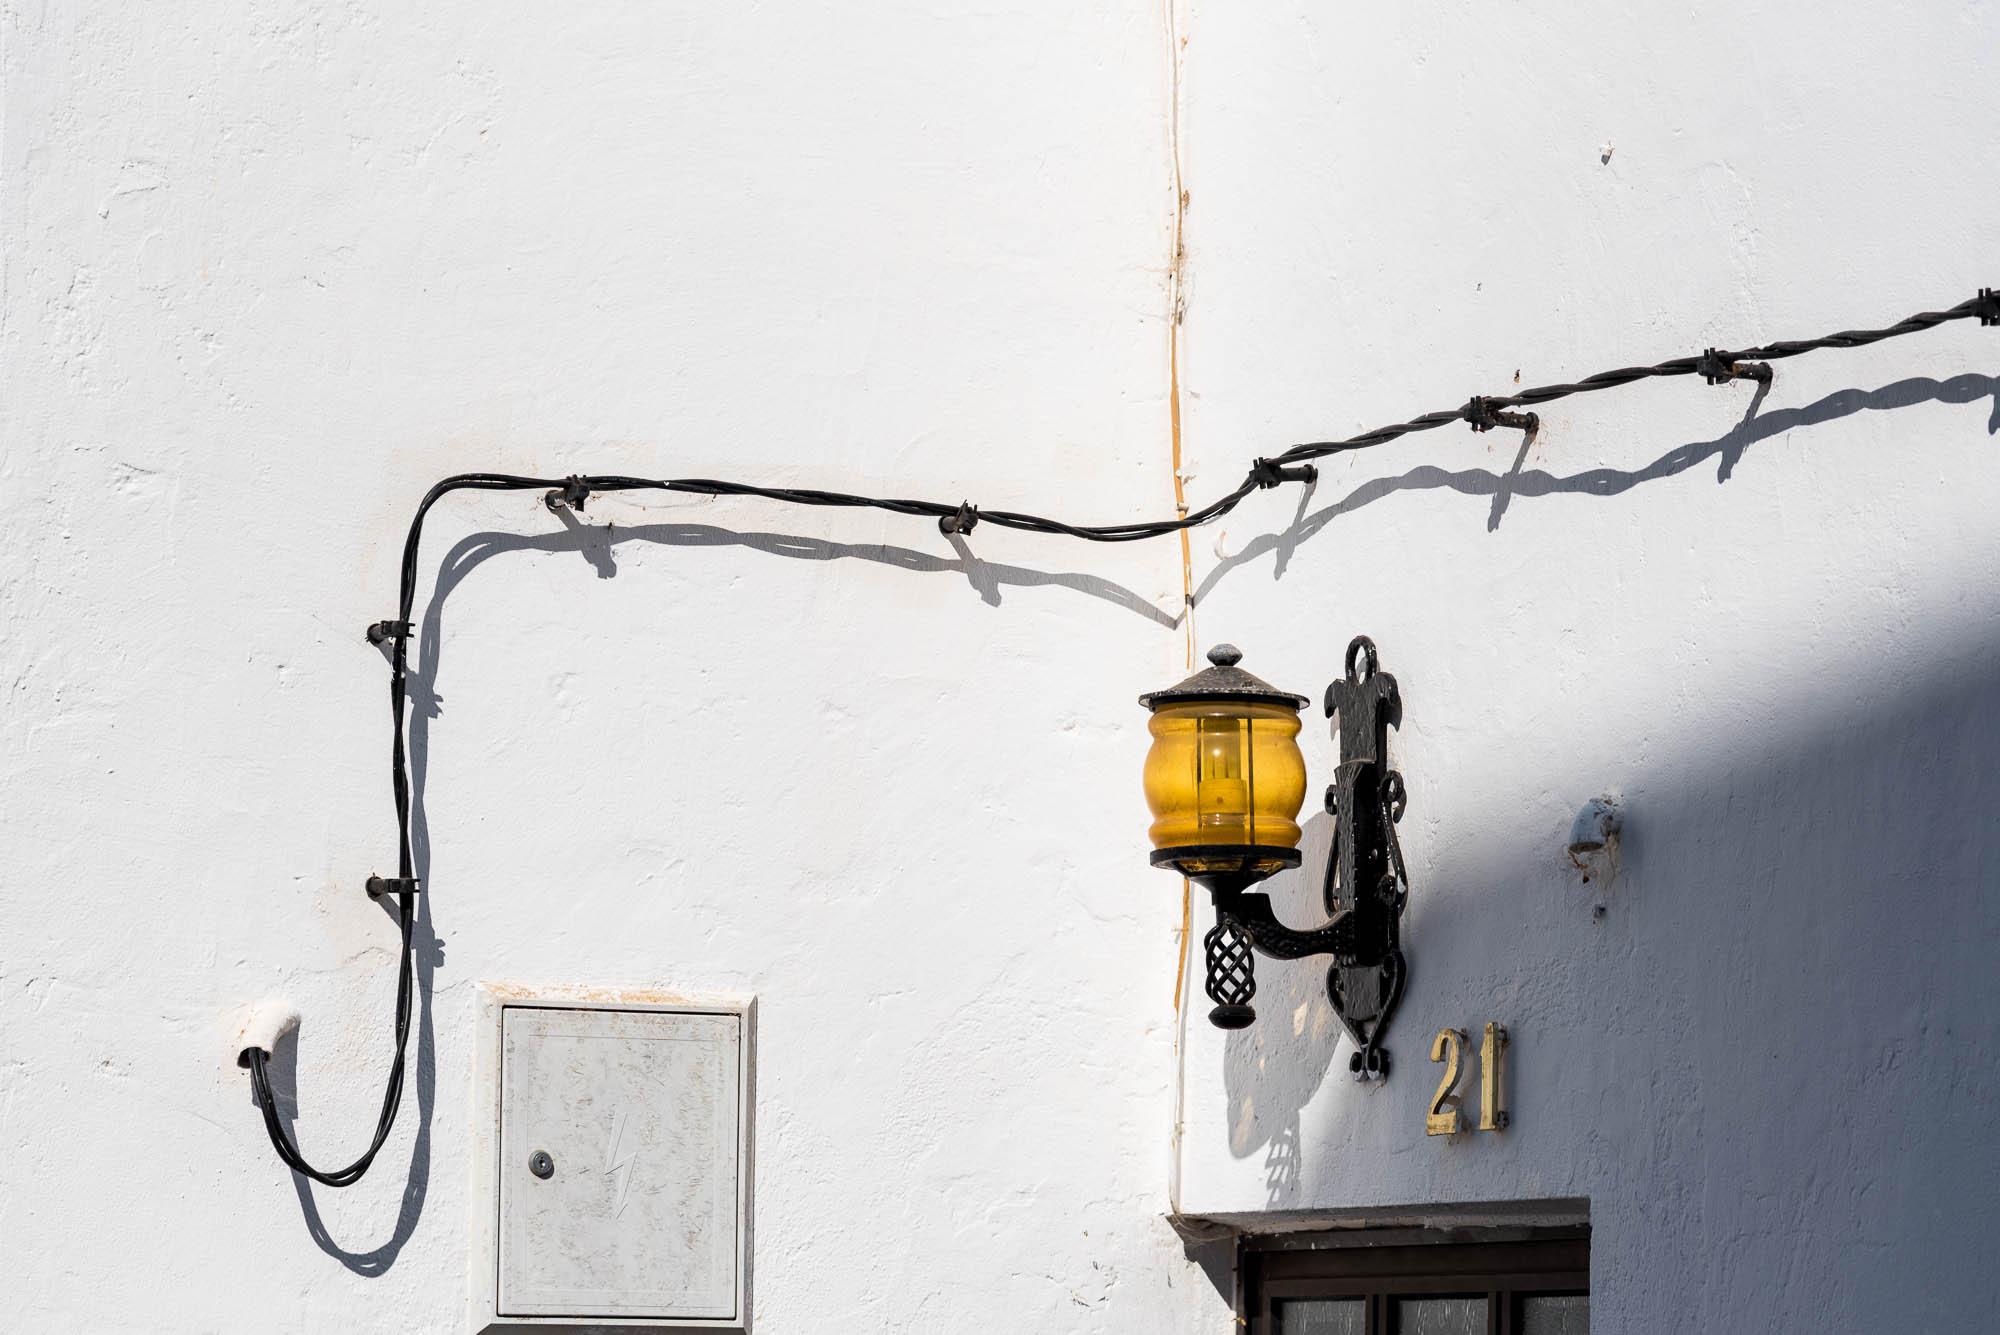 Licht, Schatten, Kabel